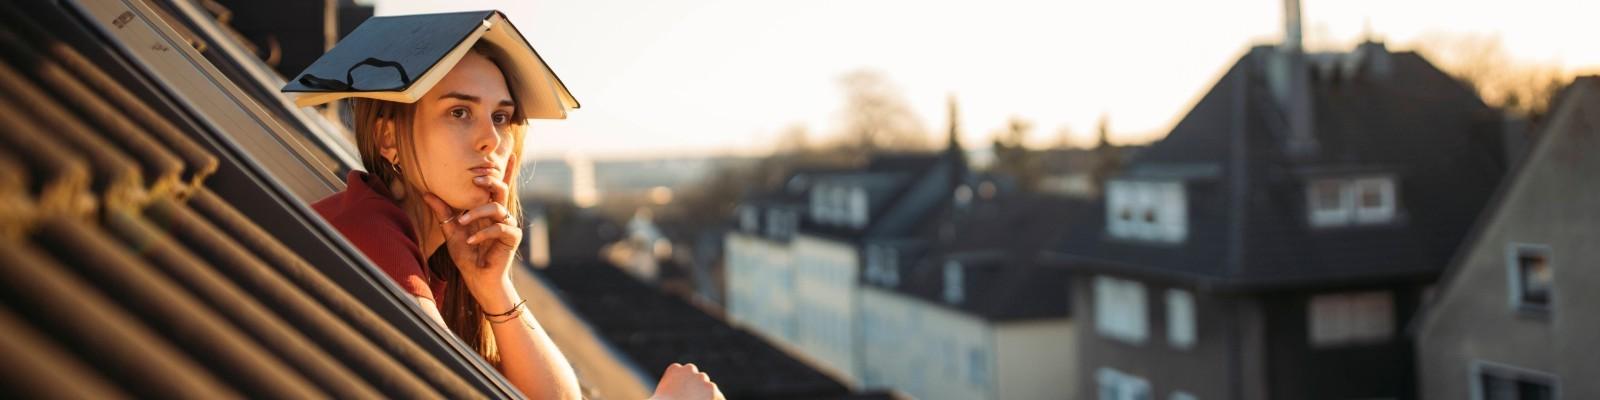 Eine Frau mit einem Buch aus dem Kopf schaut denkend aus dem Fenster